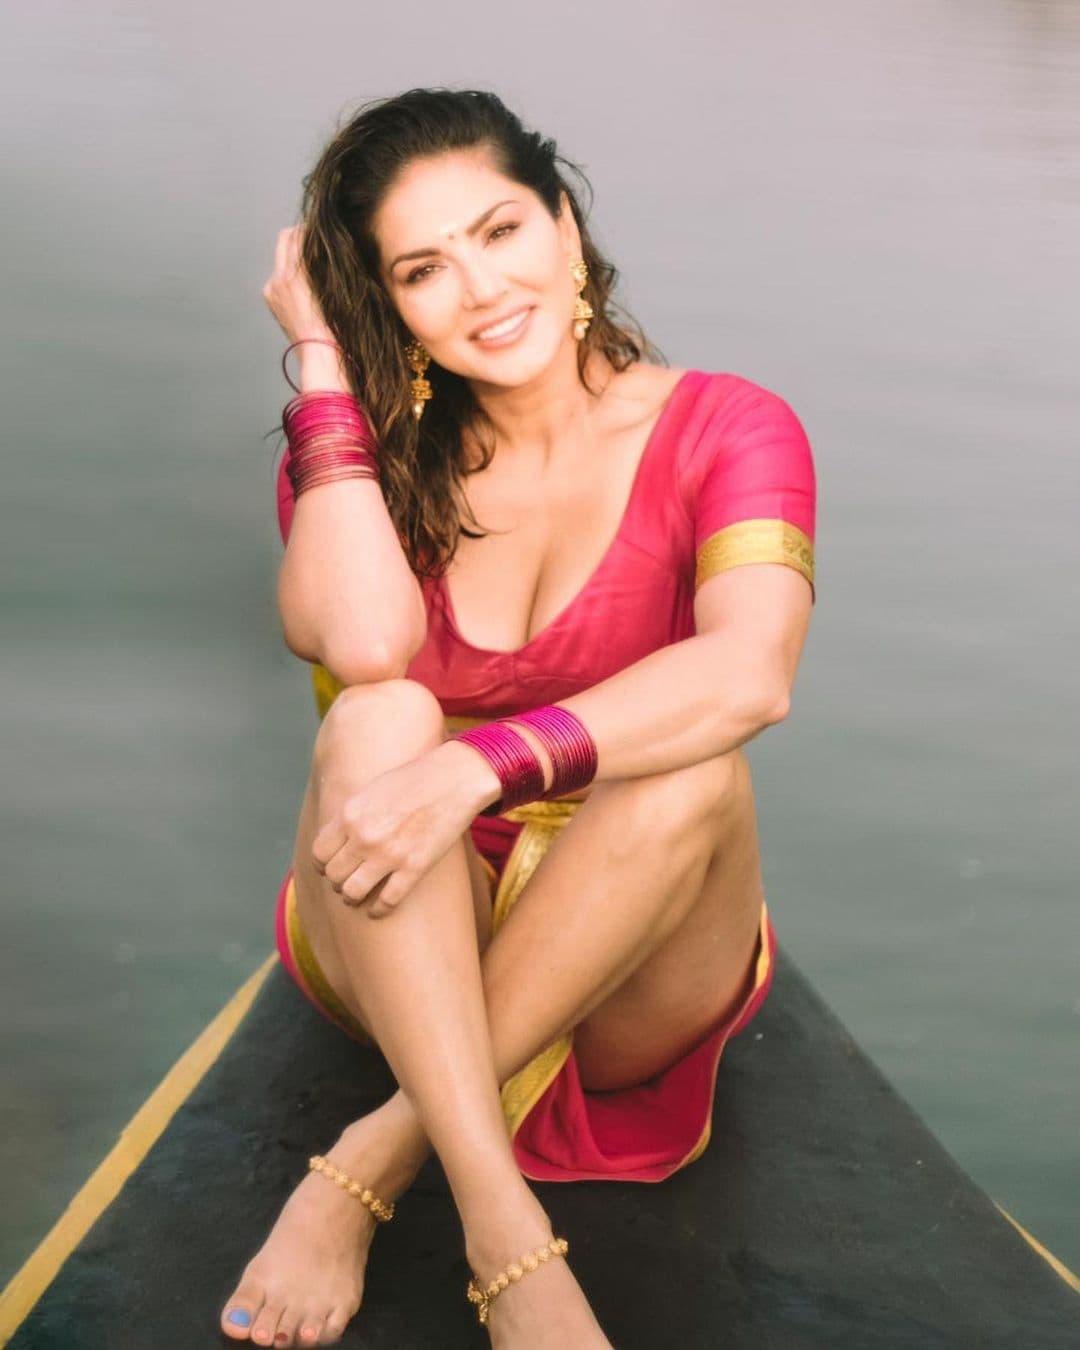 நடிகை சன்னி லியோன் ( Image : Instagram @sunnyleone)